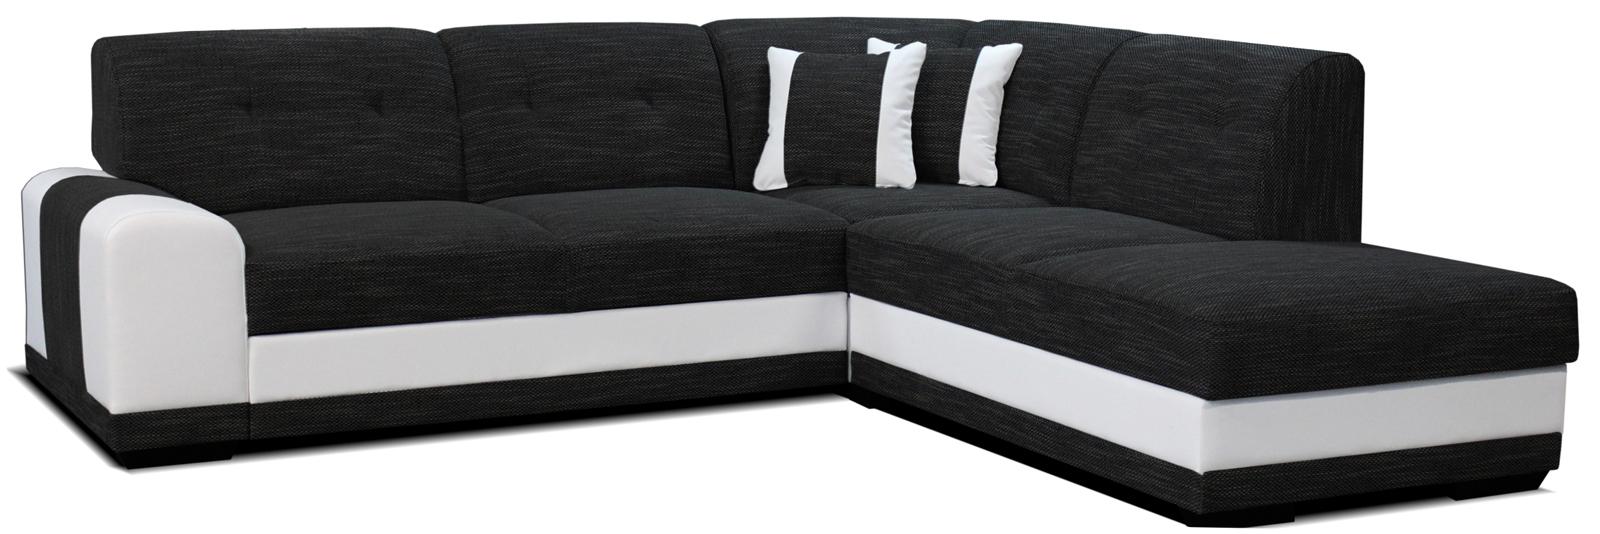 Rohová sedací souprava - Po-Sed - Bella Lux 2F+L (černá + bílá) (P)